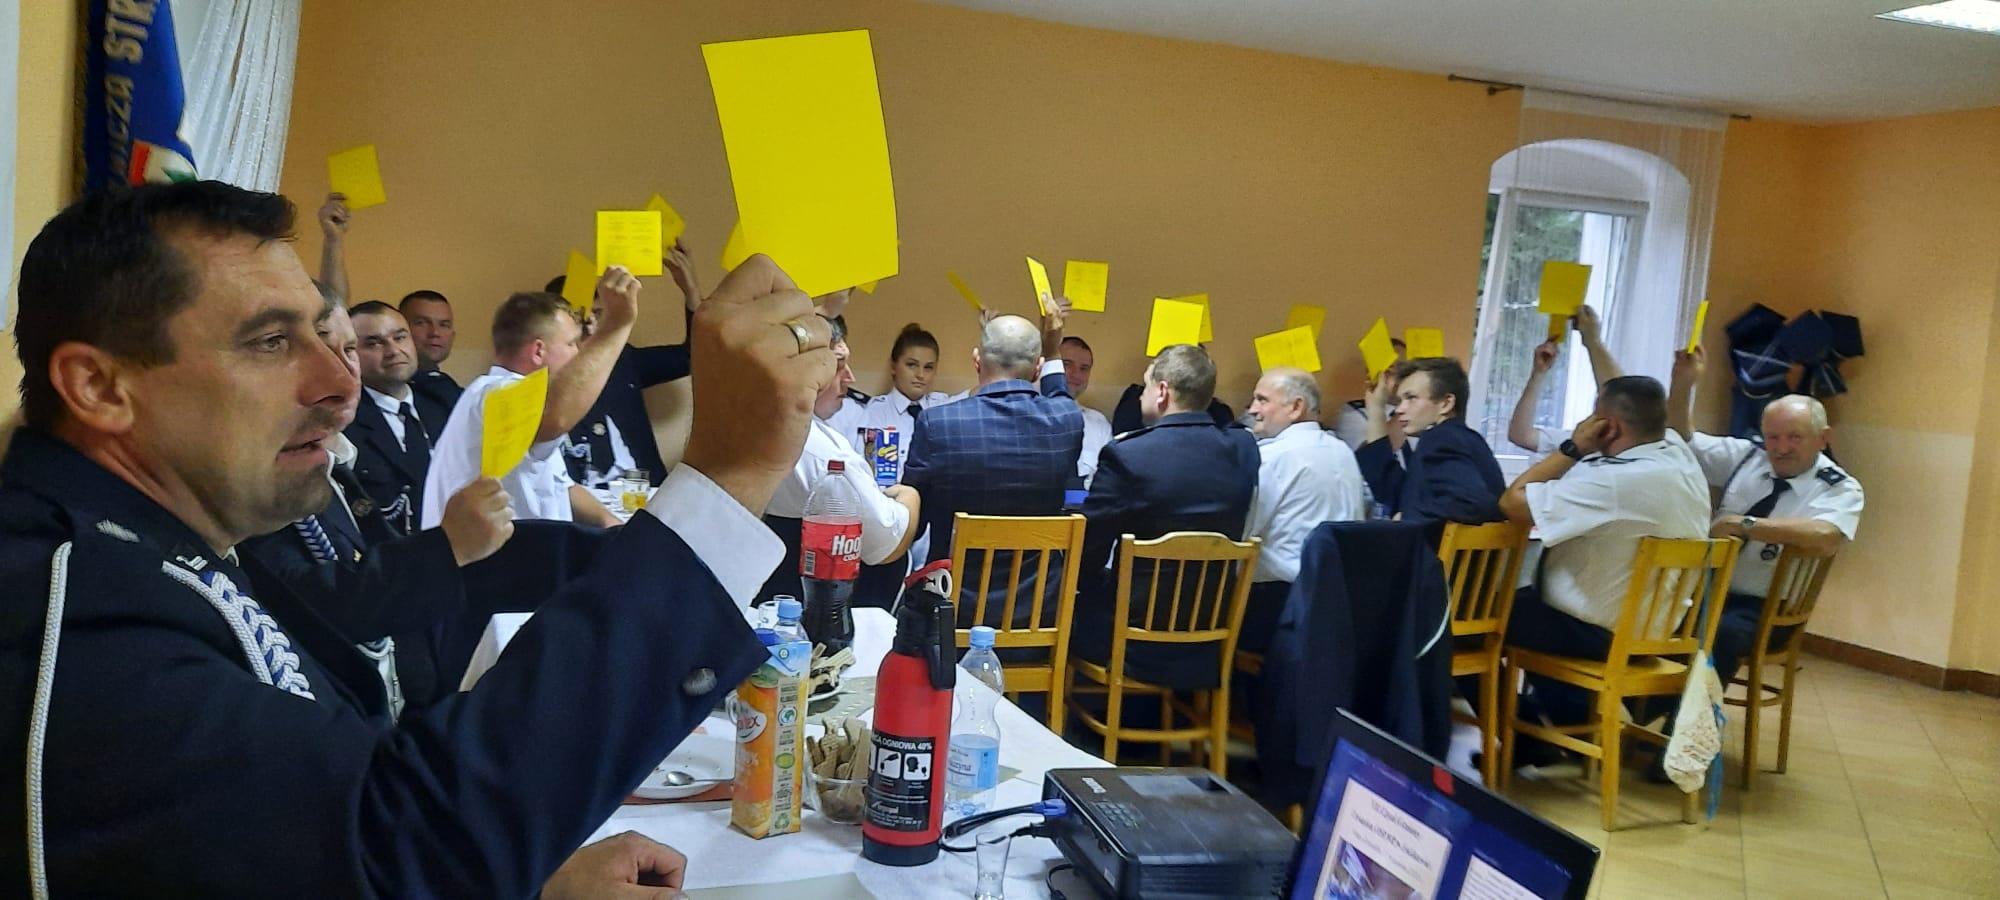 XII Zjazd Gminny Związku OSP RP w Sulikowie